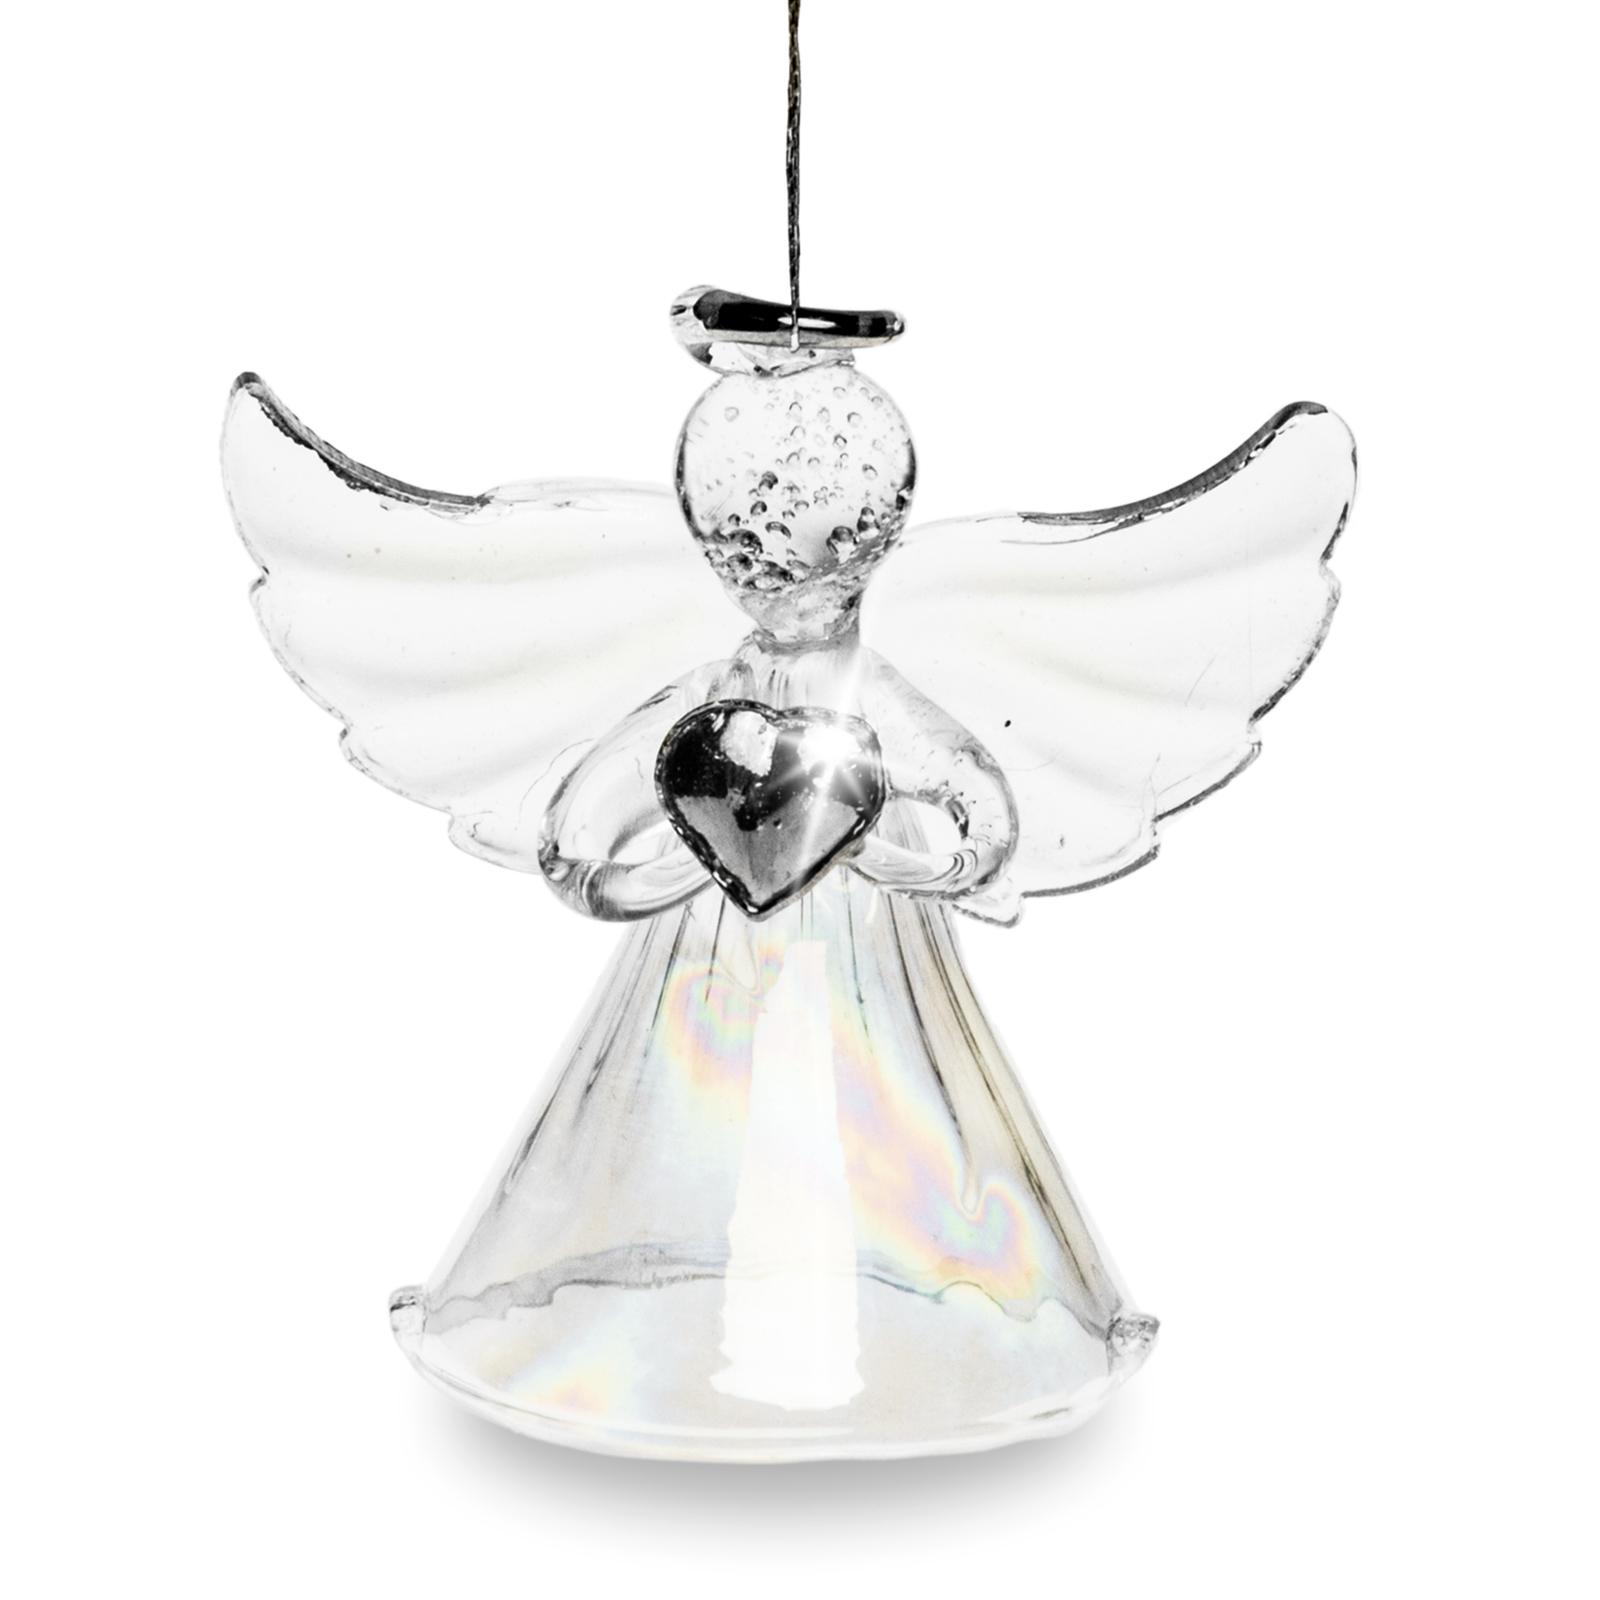 sikora bs241 christbaumschmuck aus glas engel mit irisierendem rock 3er set christbaumschmuck. Black Bedroom Furniture Sets. Home Design Ideas